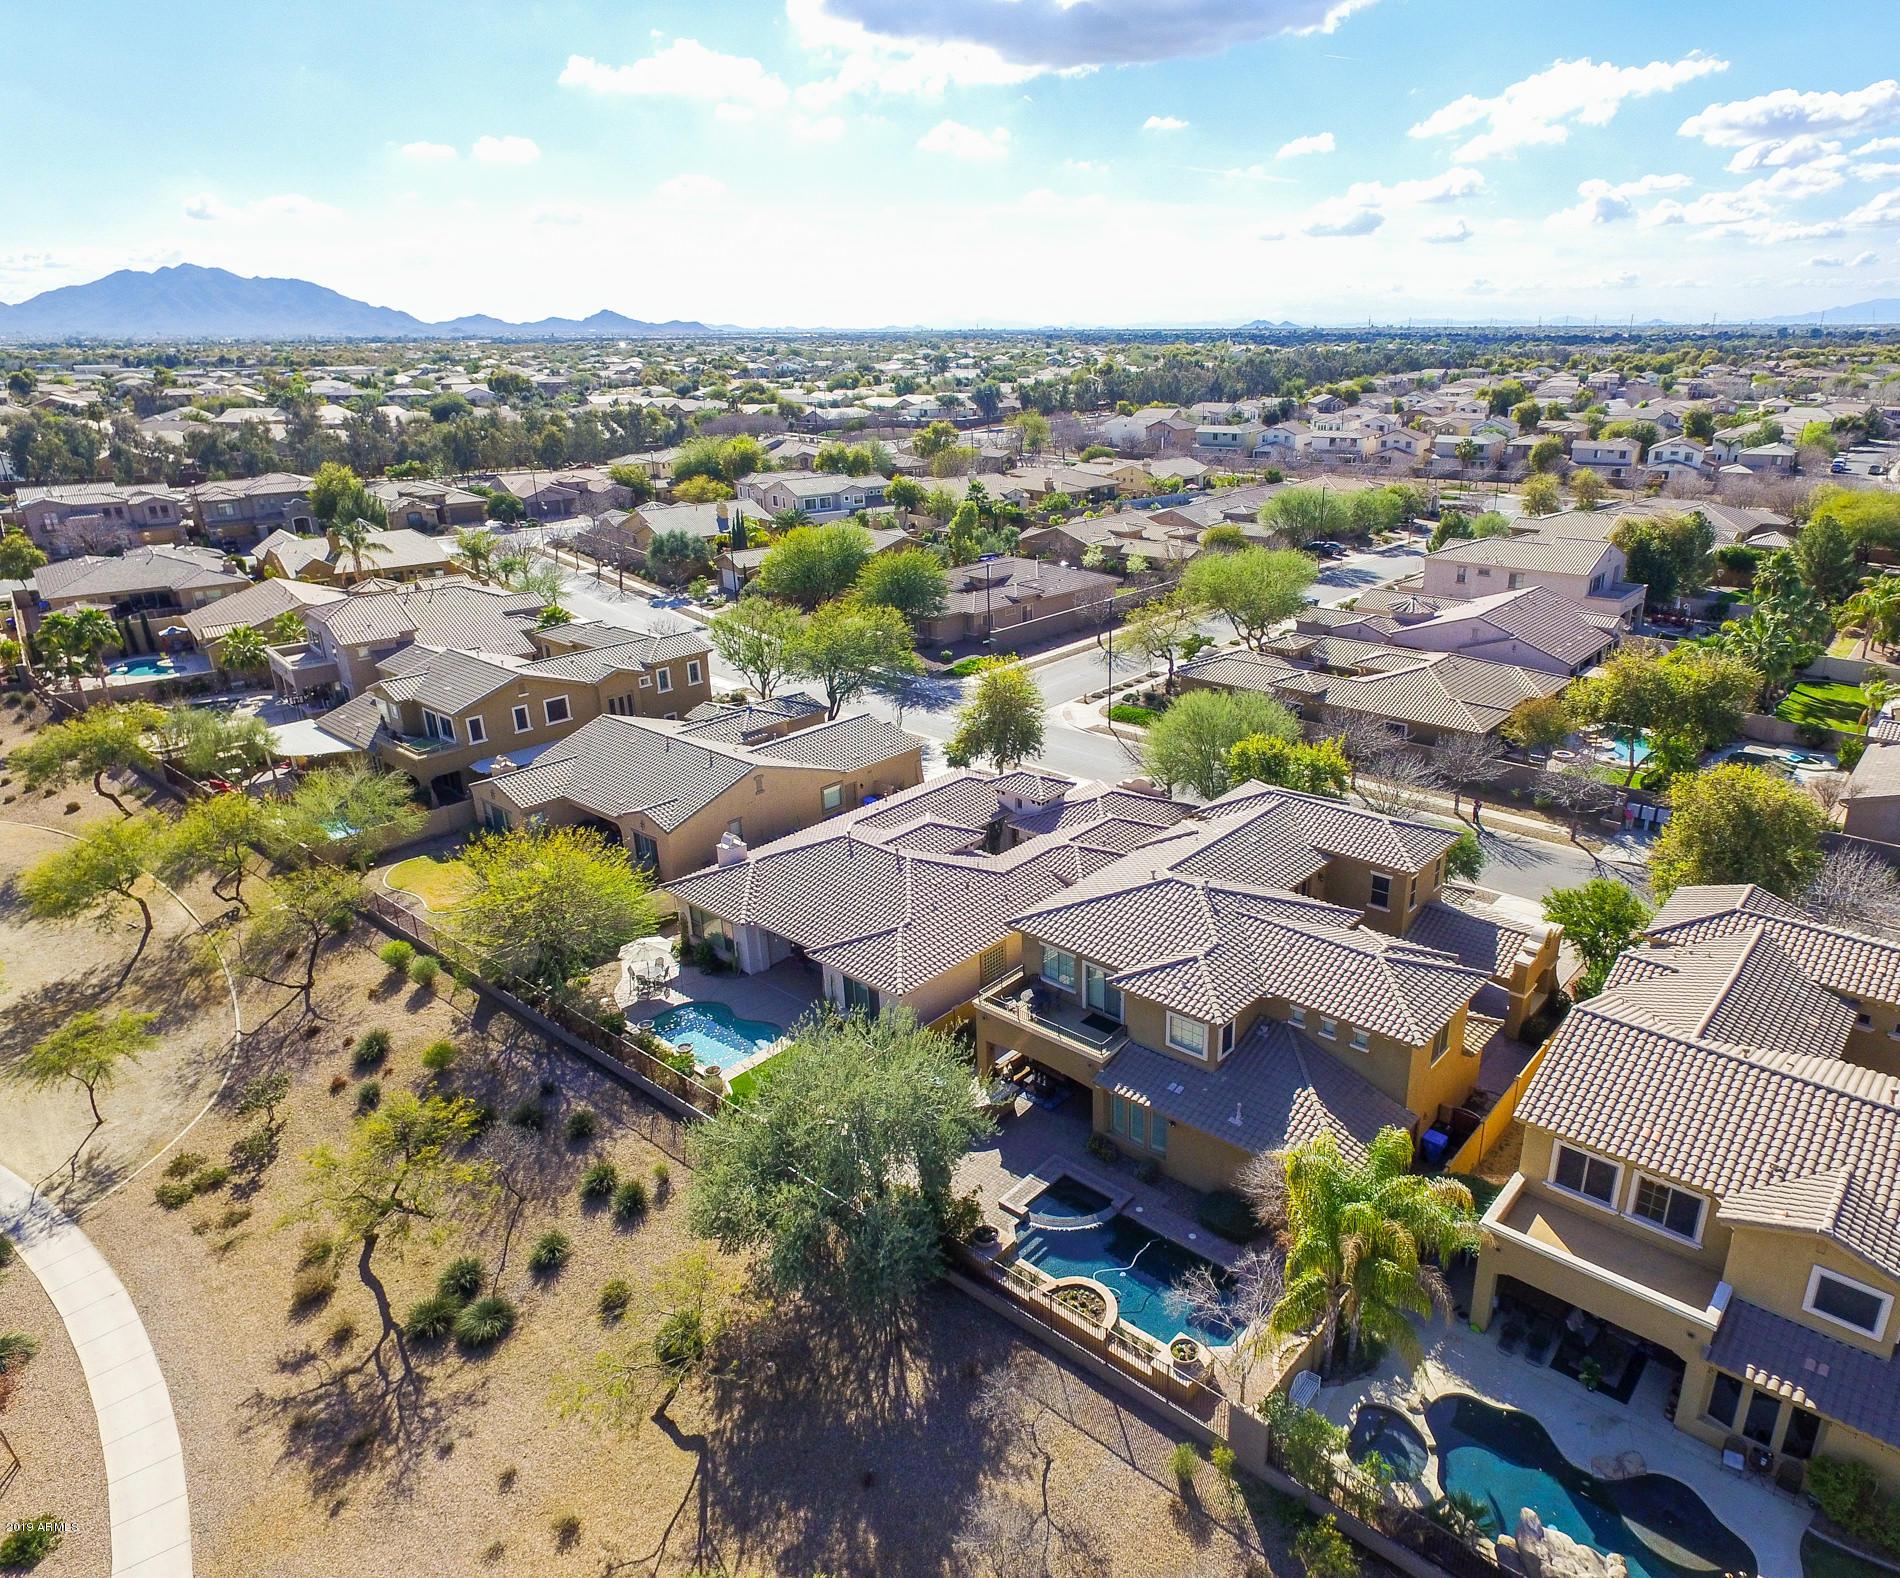 MLS 5877925 3799 S SKYLINE Drive, Gilbert, AZ 85297 Gilbert AZ Power Ranch